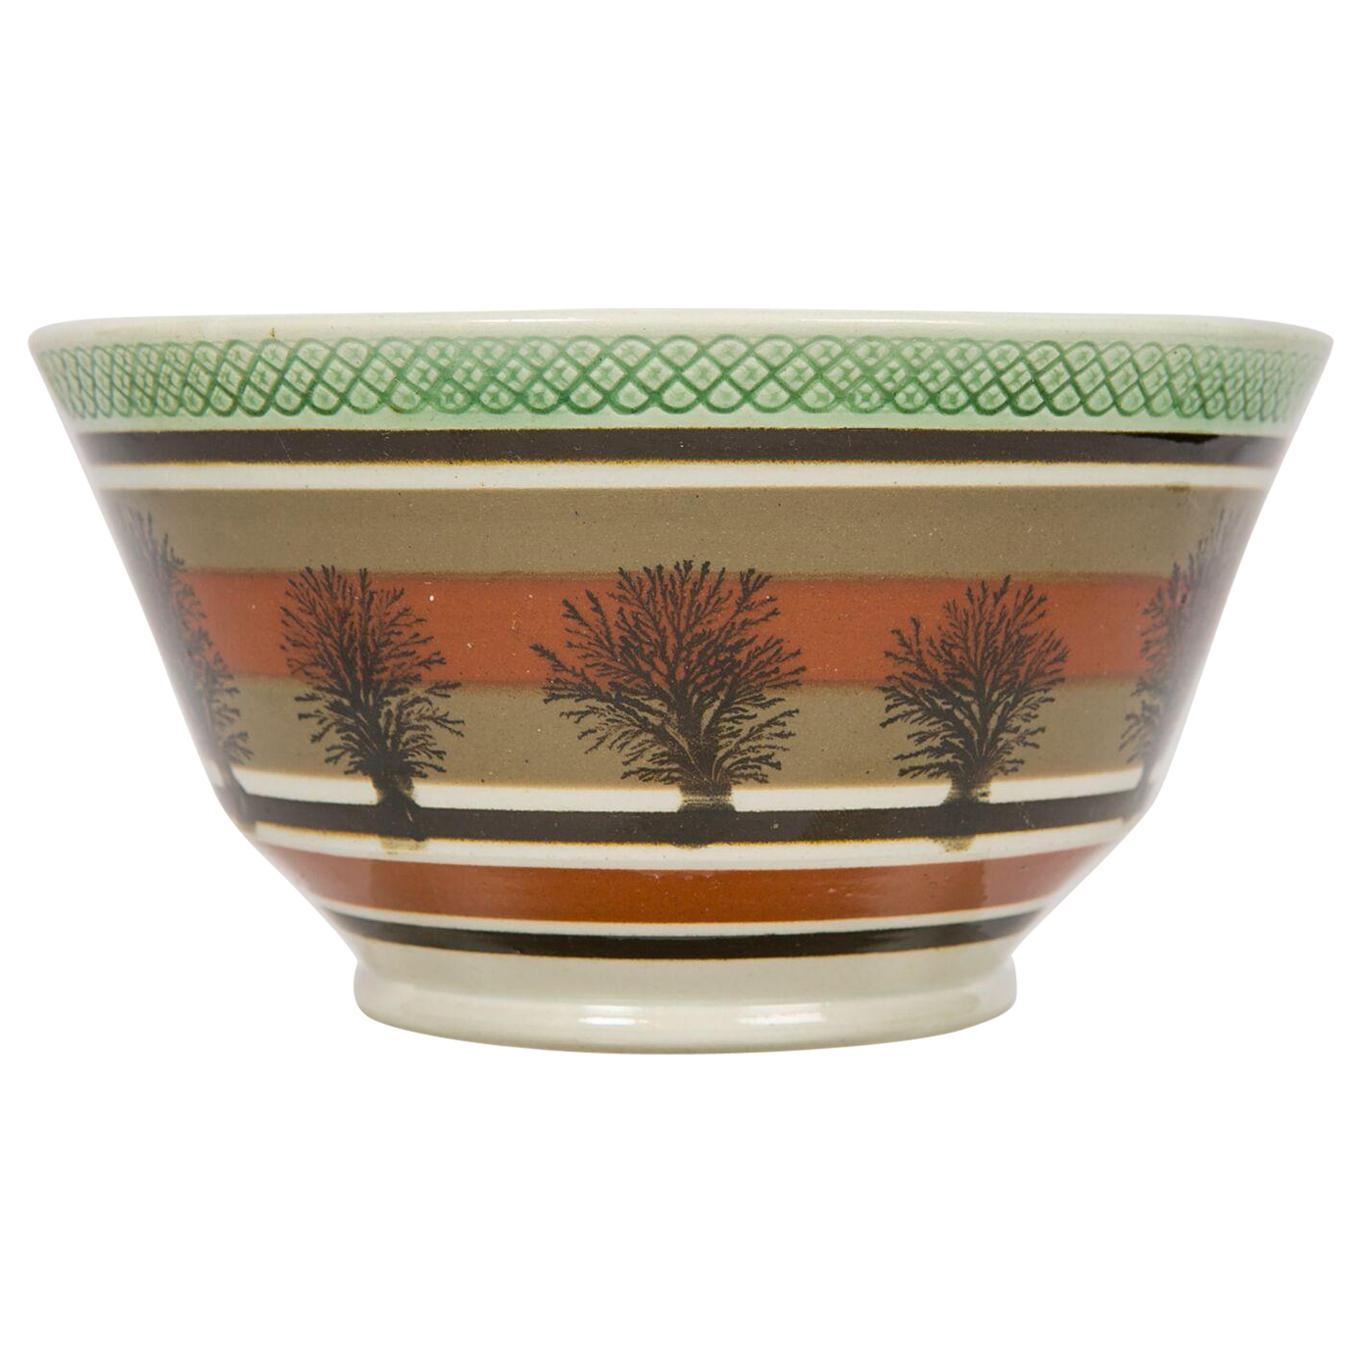 Mochaware Bowl Made in England, circa 1815